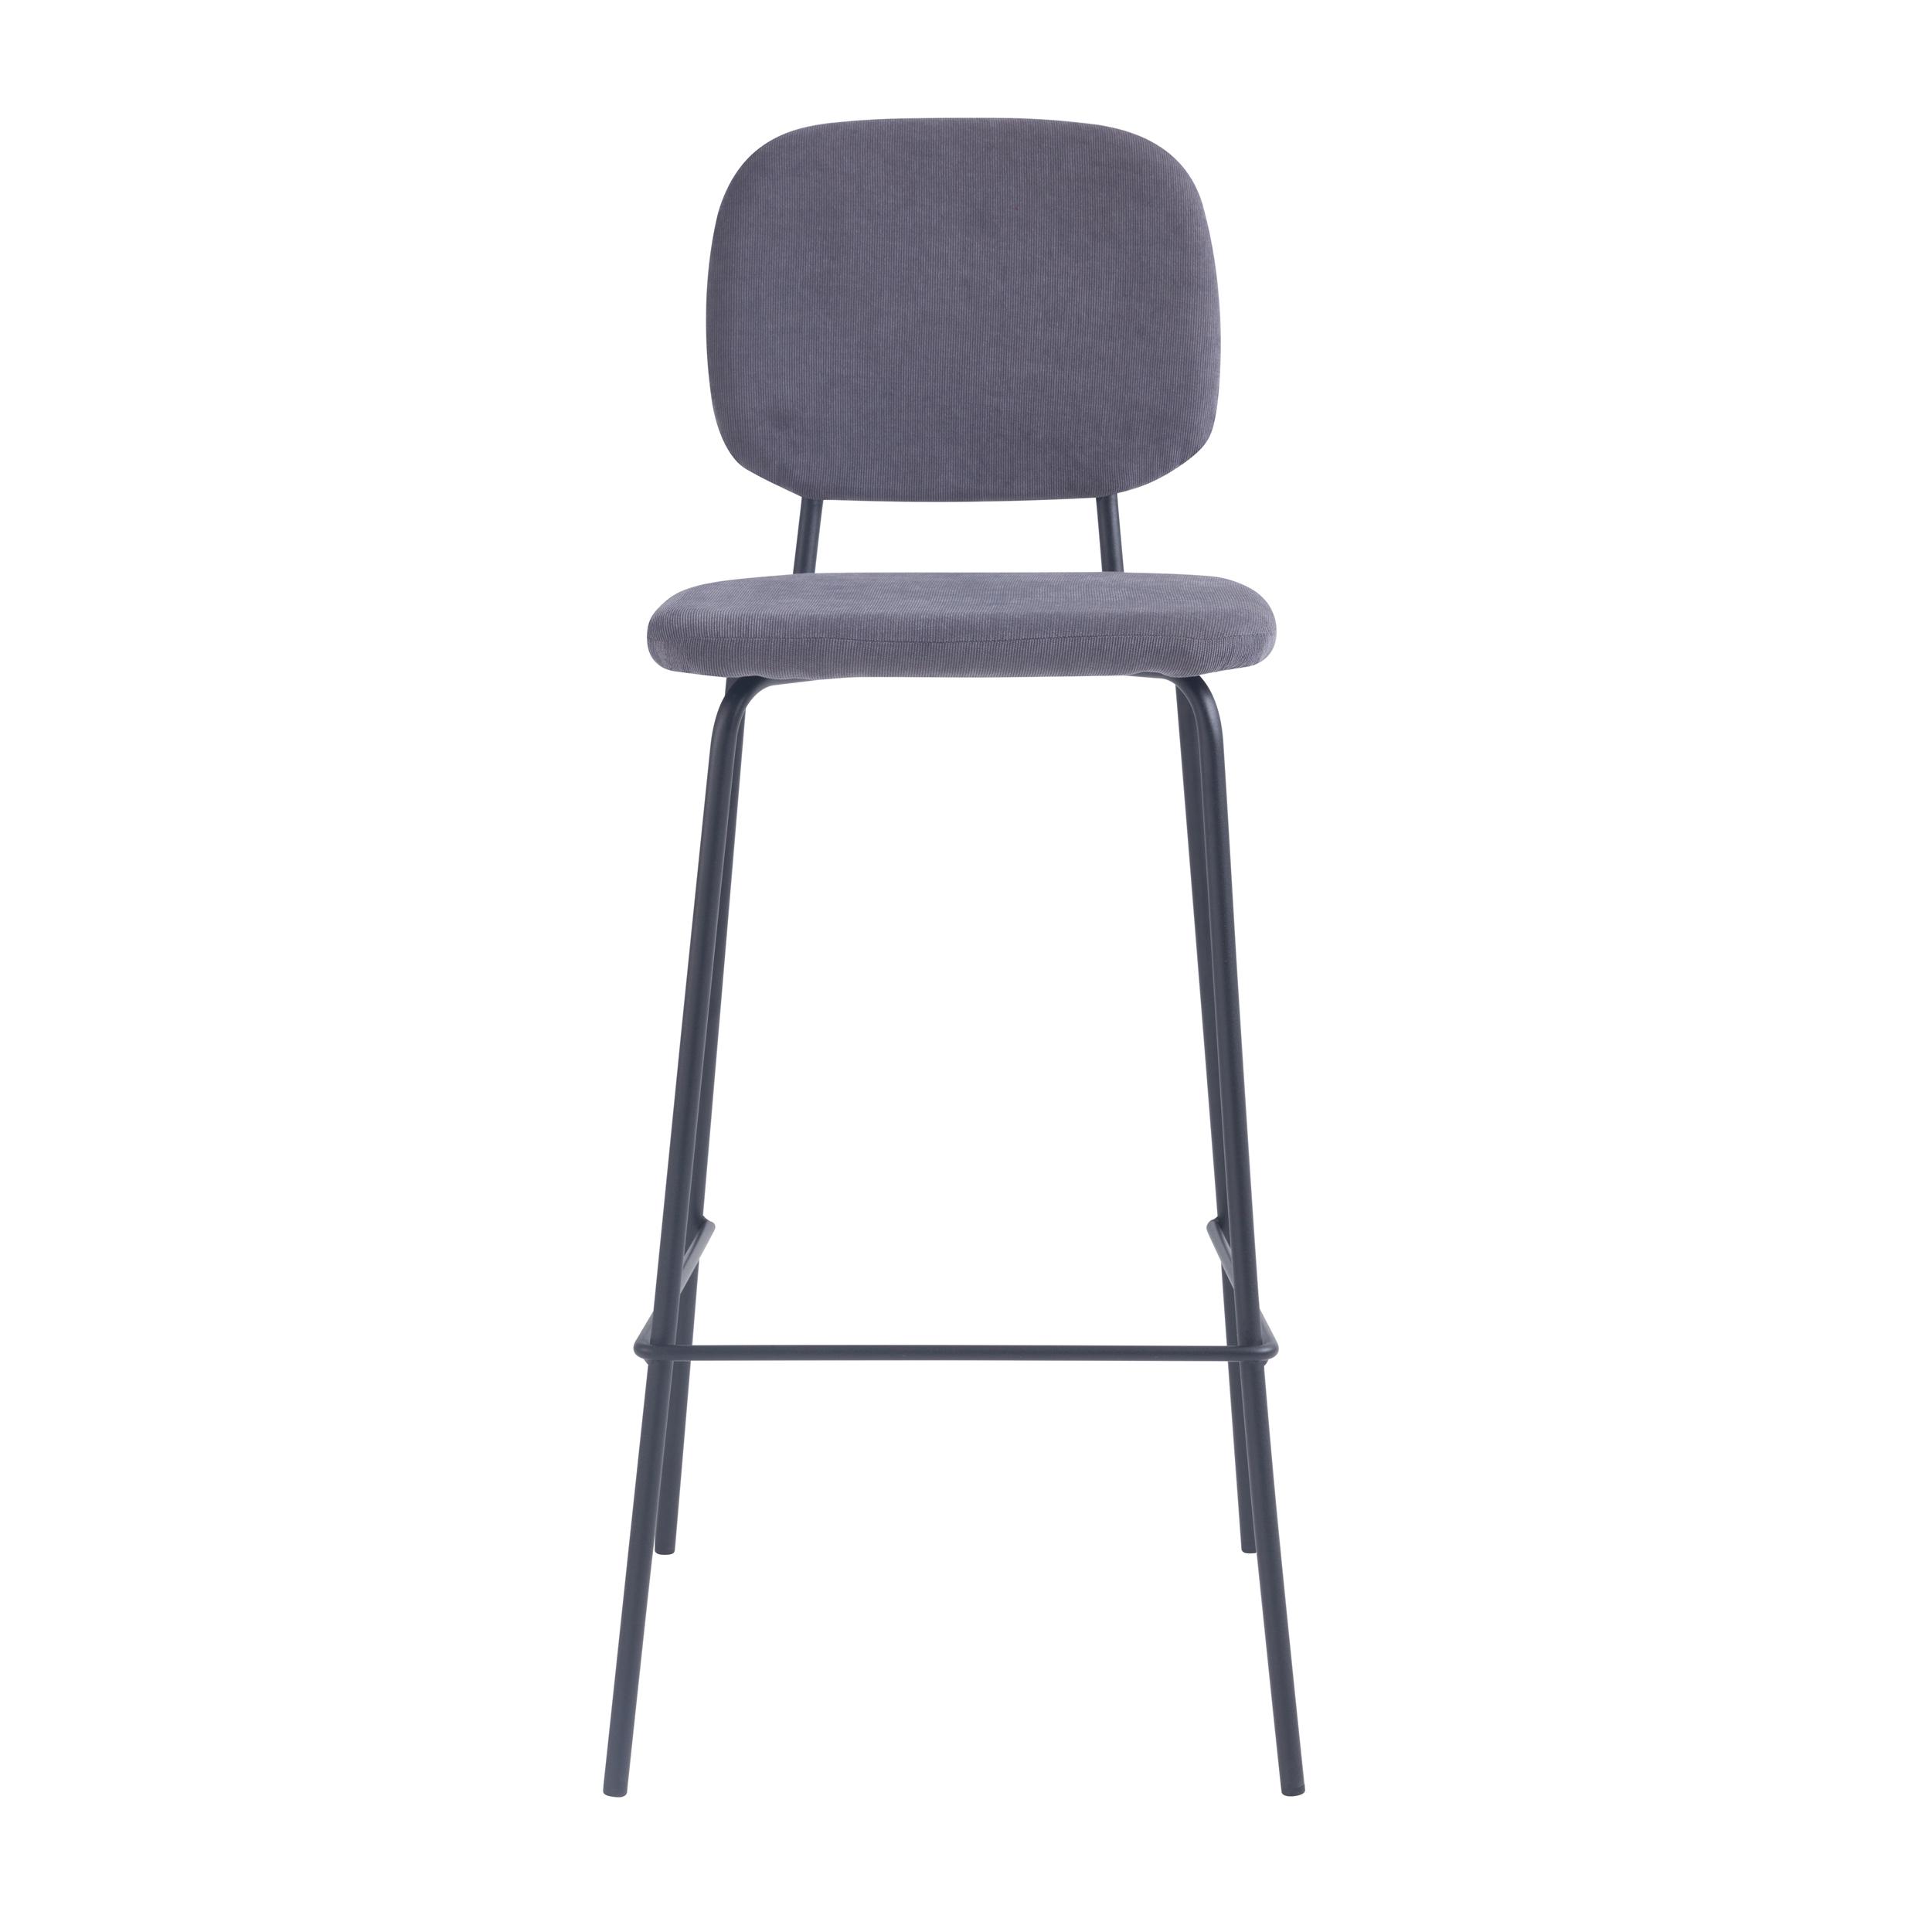 Chaise de bar 75 cm en velours côtelé gris (lot de 2)